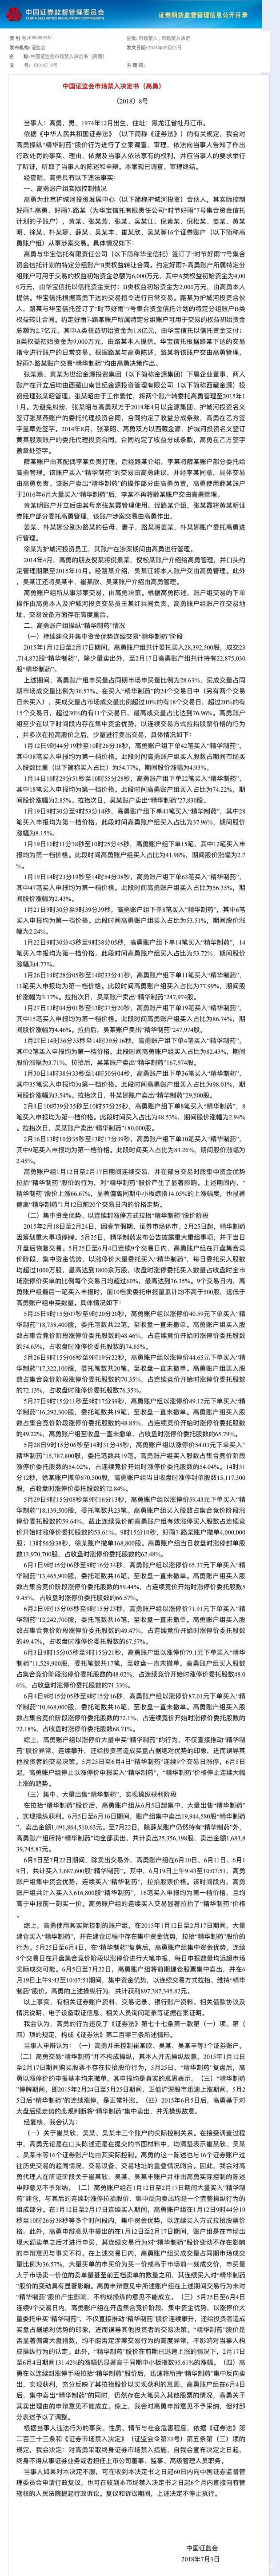 黄晓明工作室发声明否认卷入股票操纵案:杜撰而来